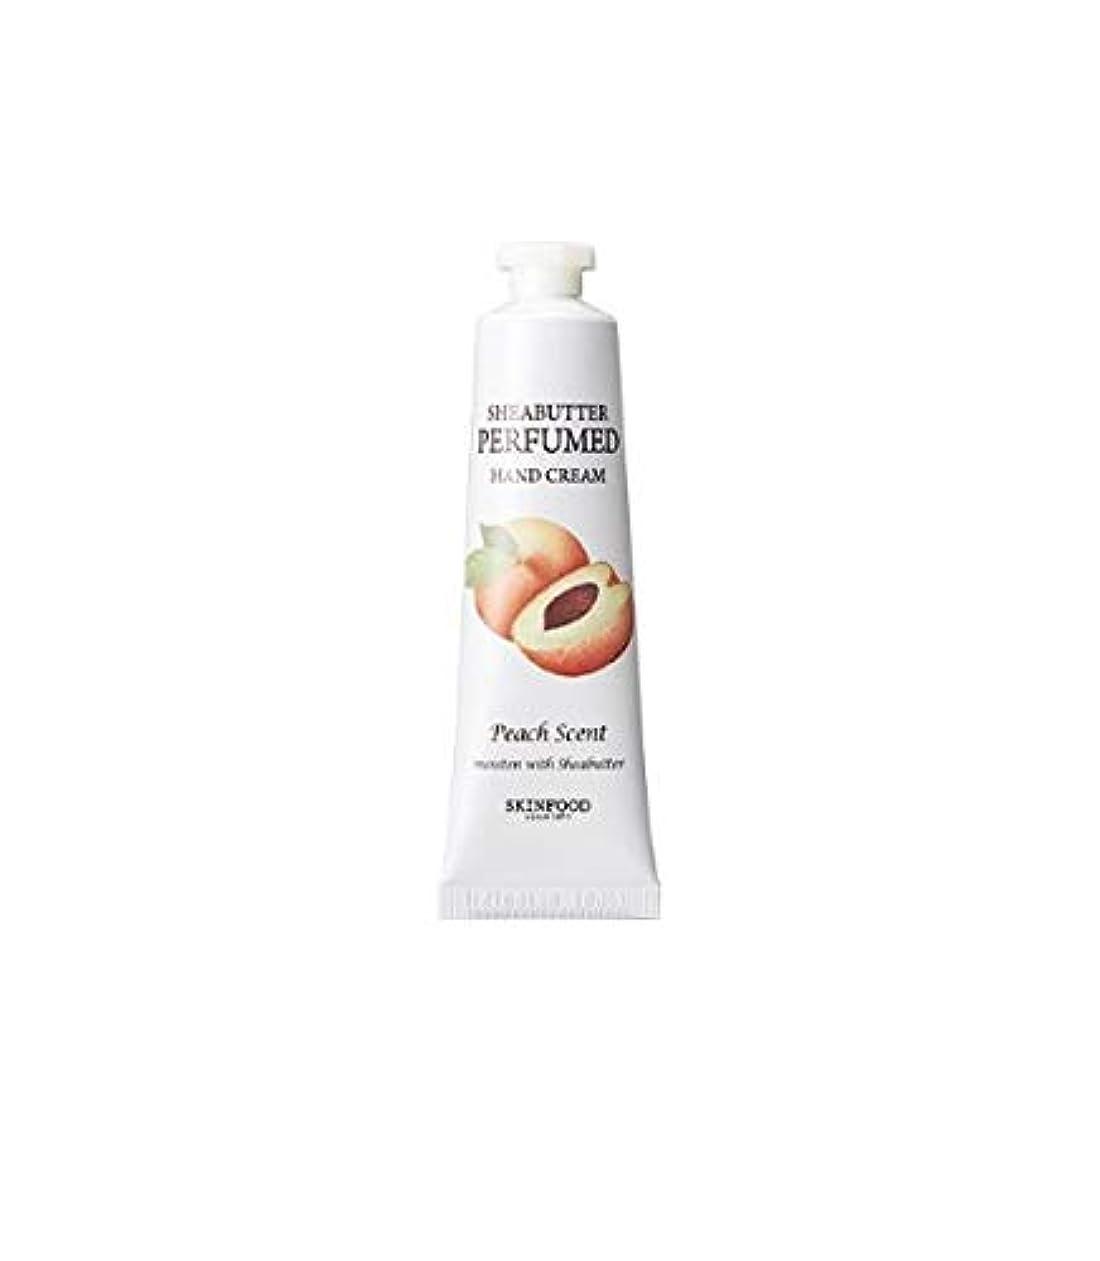 割り当てる白鳥不快Skinfood シアバター香水ハンドクリーム#ピッチ/Shea Butter Perfumed Hand Cream #Pitch 30ml [並行輸入品]